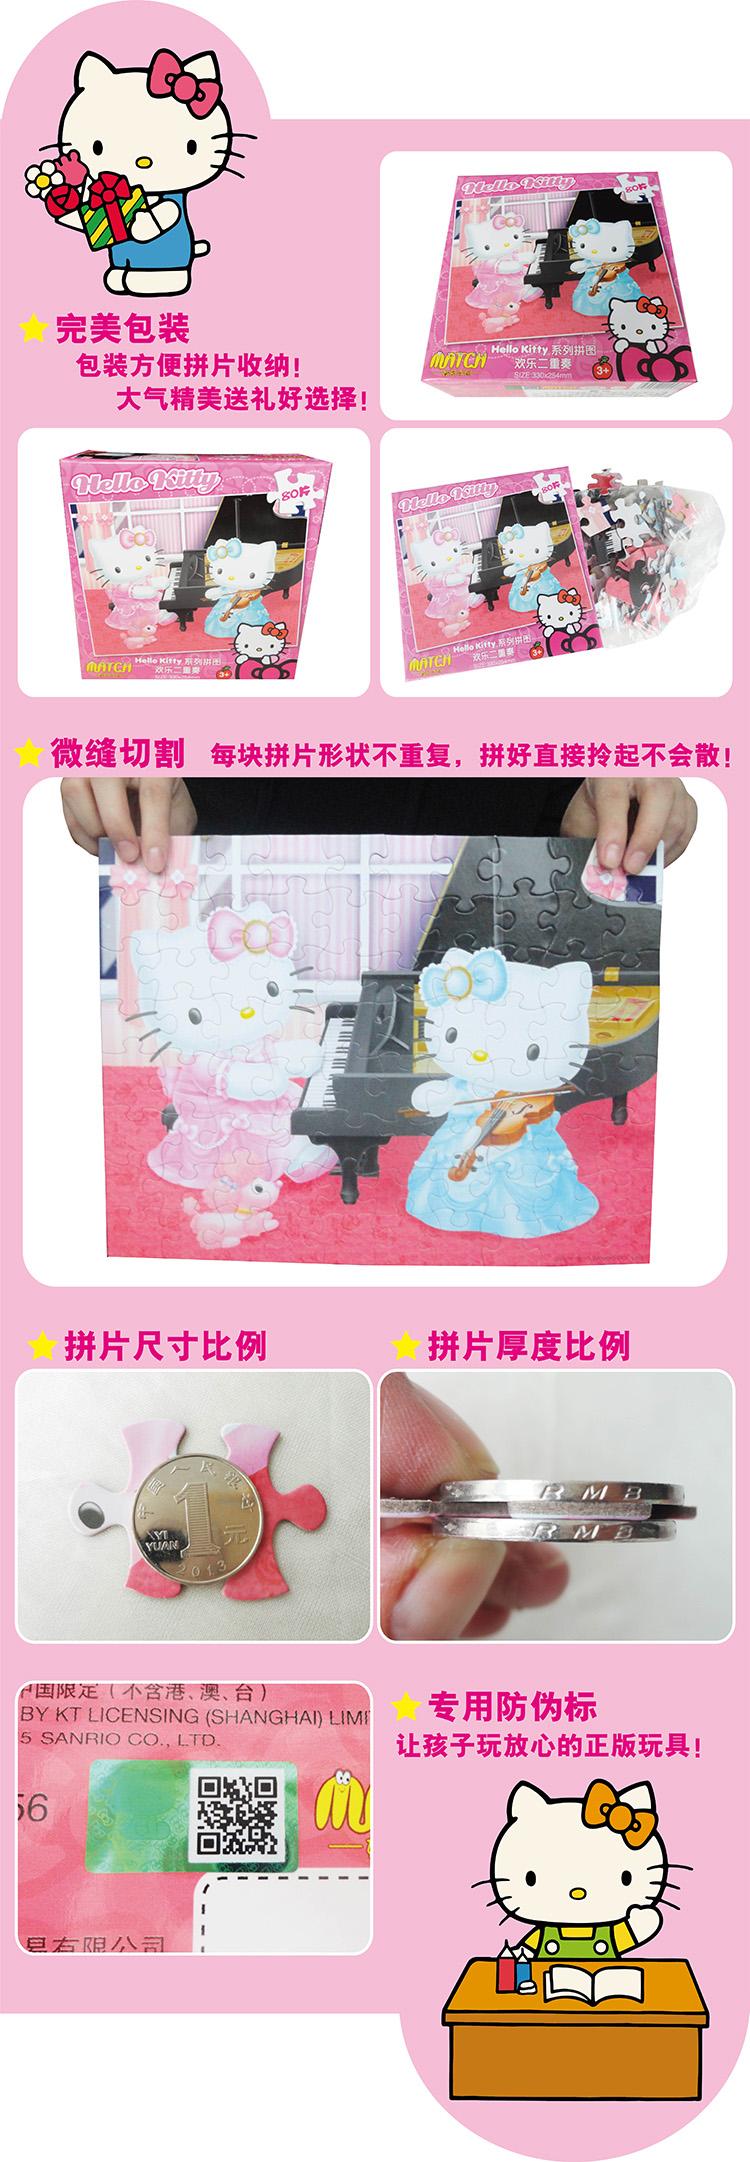 Hello Kitty 儿童拼图 拼插玩具手眼脑协调的锻炼工具 盒装平面拼图纸质80片正品